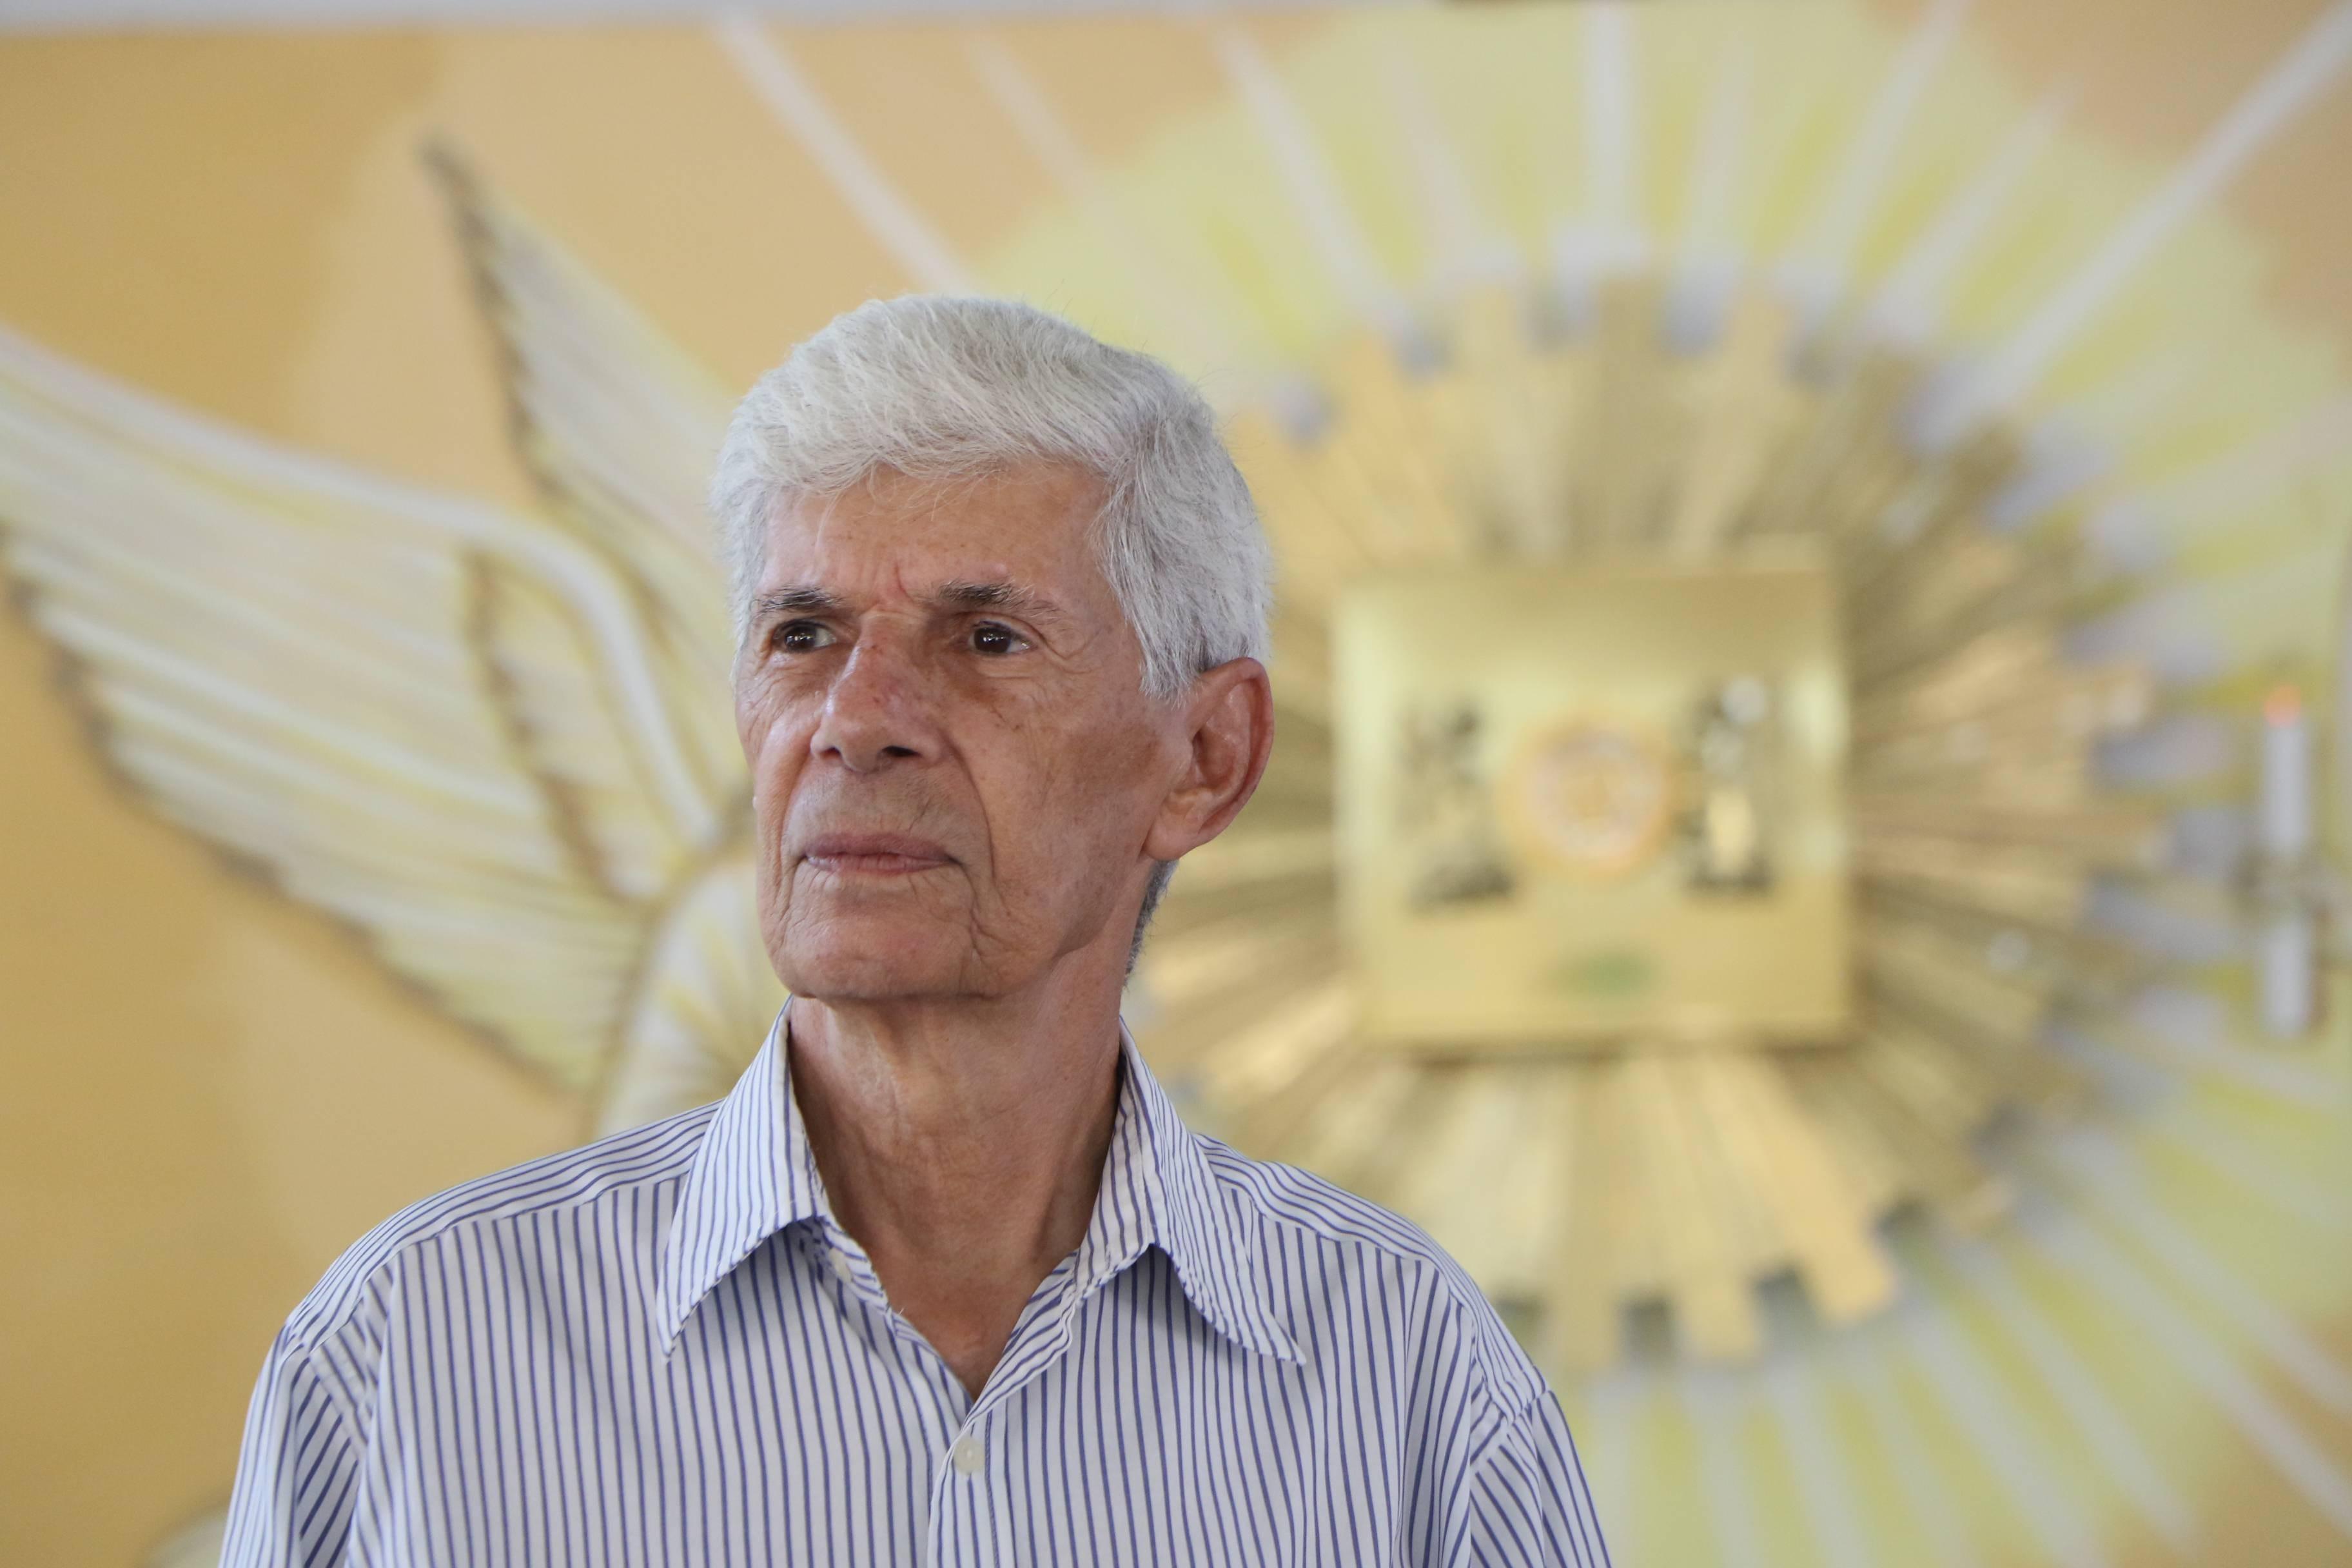 Padre Bruno Sechi, criador da República do Emaús, morre aos 80 anos em Belém